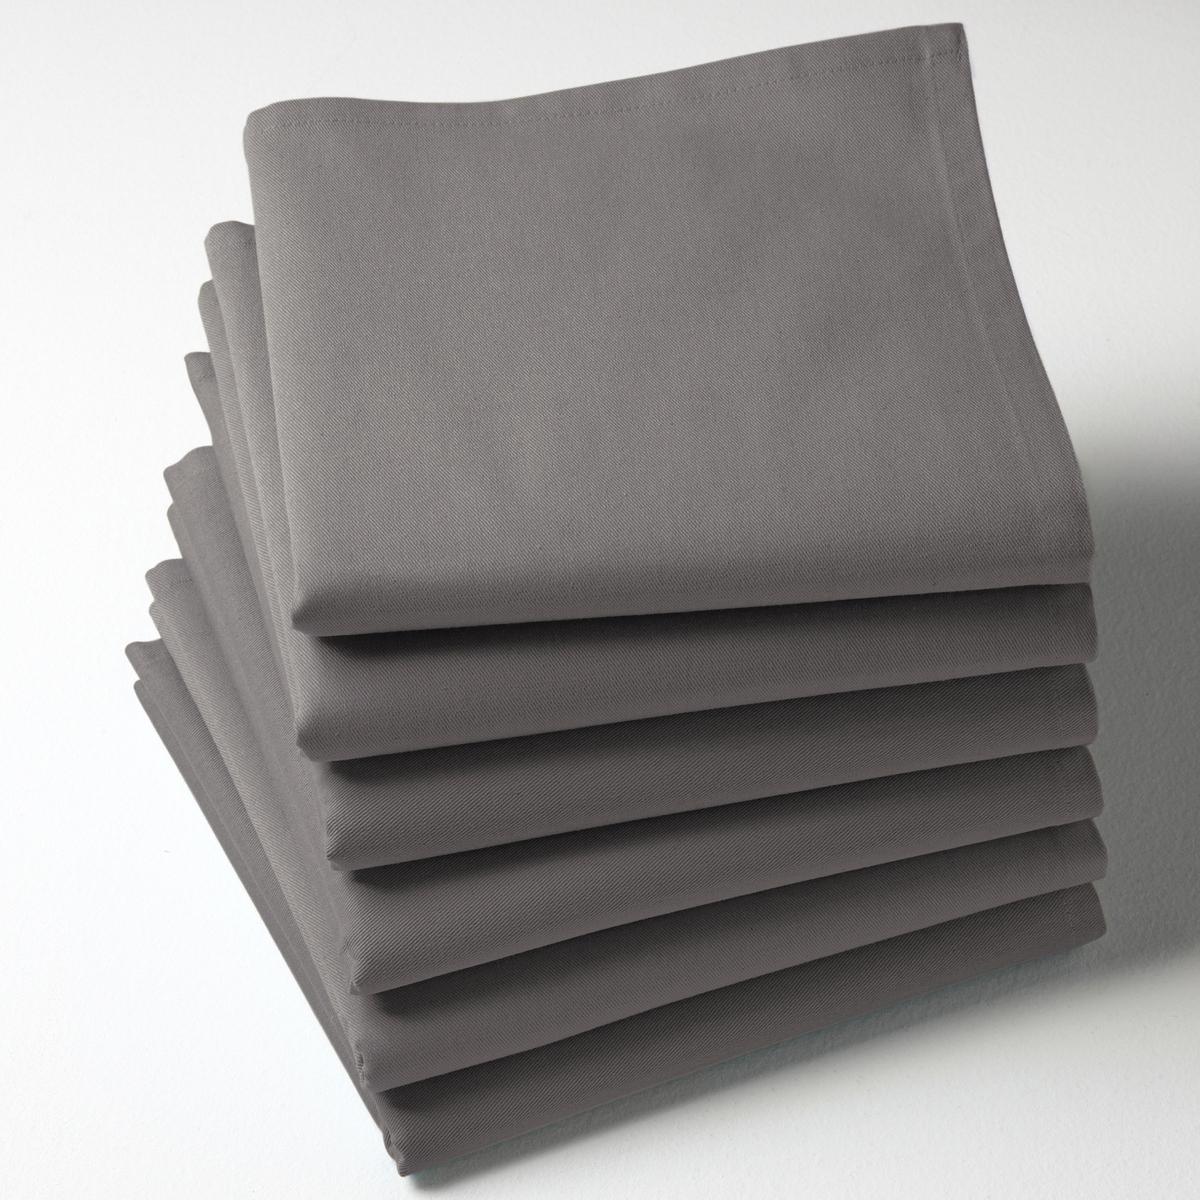 6 салфетокКачество Valeur S?re. Однотонные салфетки из саржи, 100% хлопка. 45 х 45 см. Мягкий и прочный материал. Легко гладить. Стирка при 40°.<br><br>Цвет: желтый,розовая пудра,светло-серый,серый,сине-зеленый